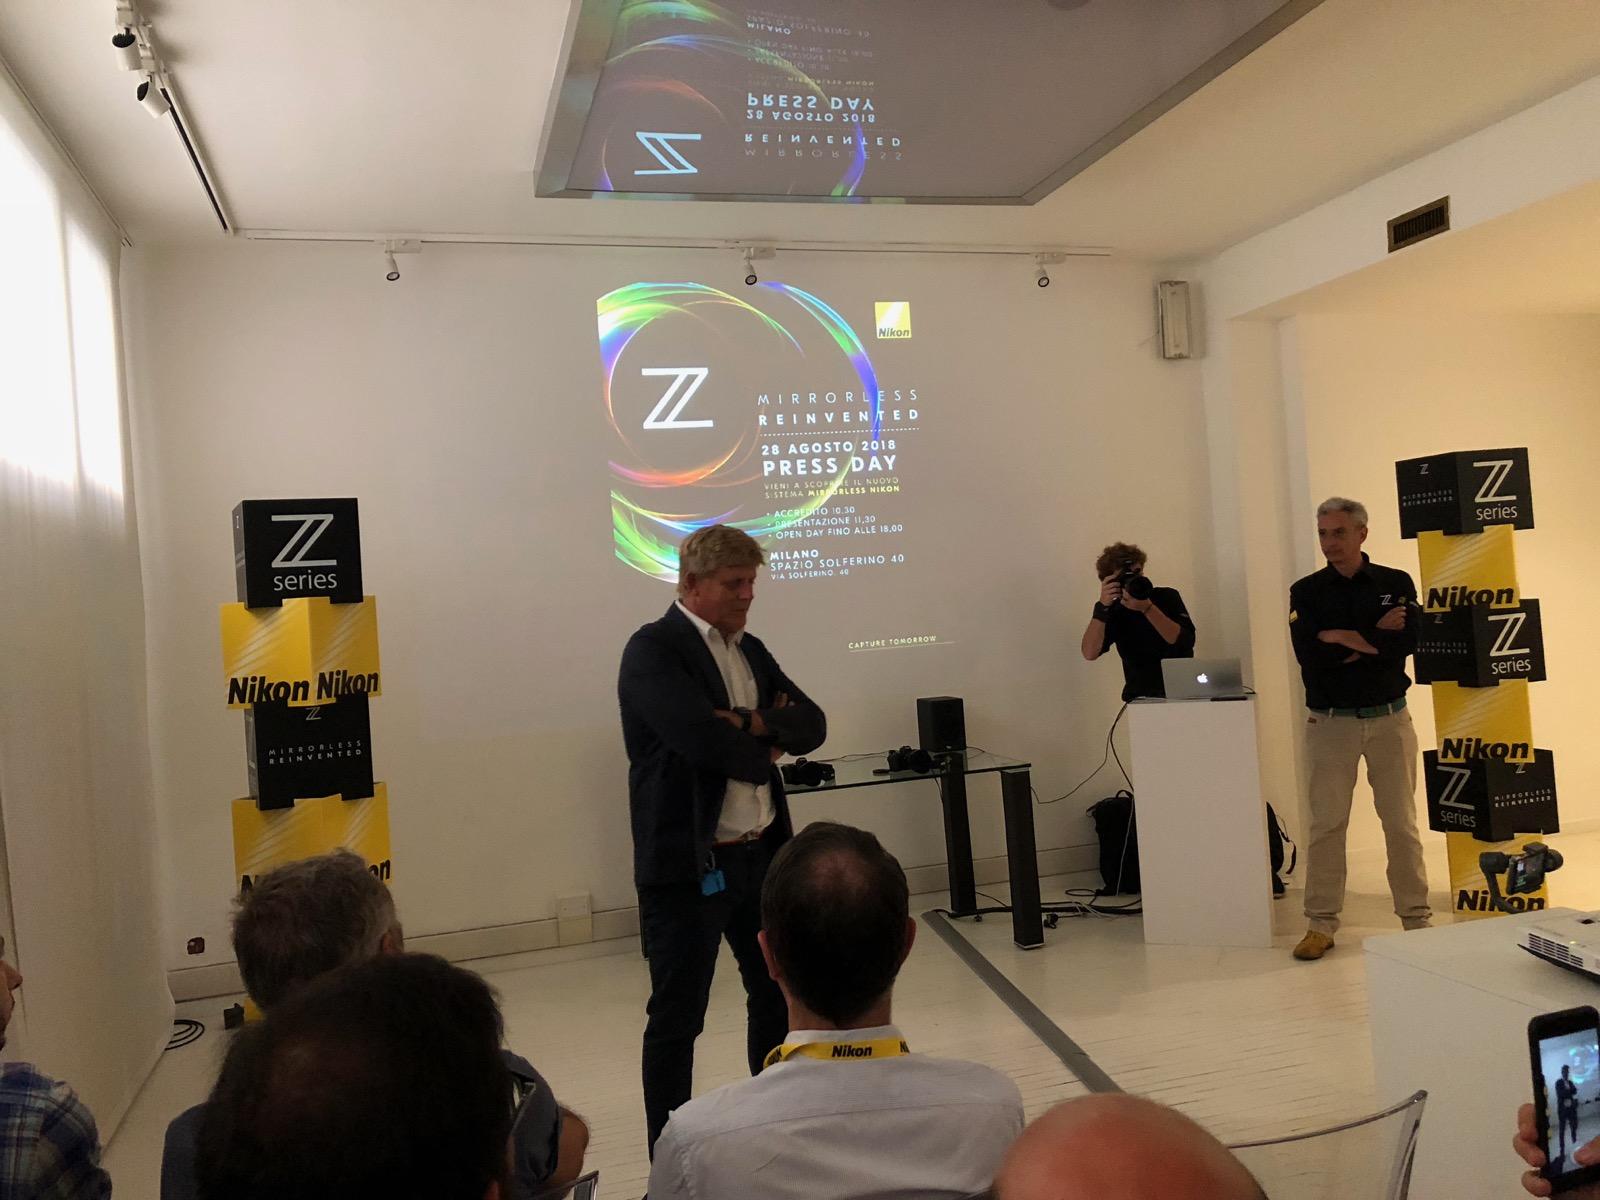 Prime impressioni sulle nuove mirrorless Nikon Z6 e Z7